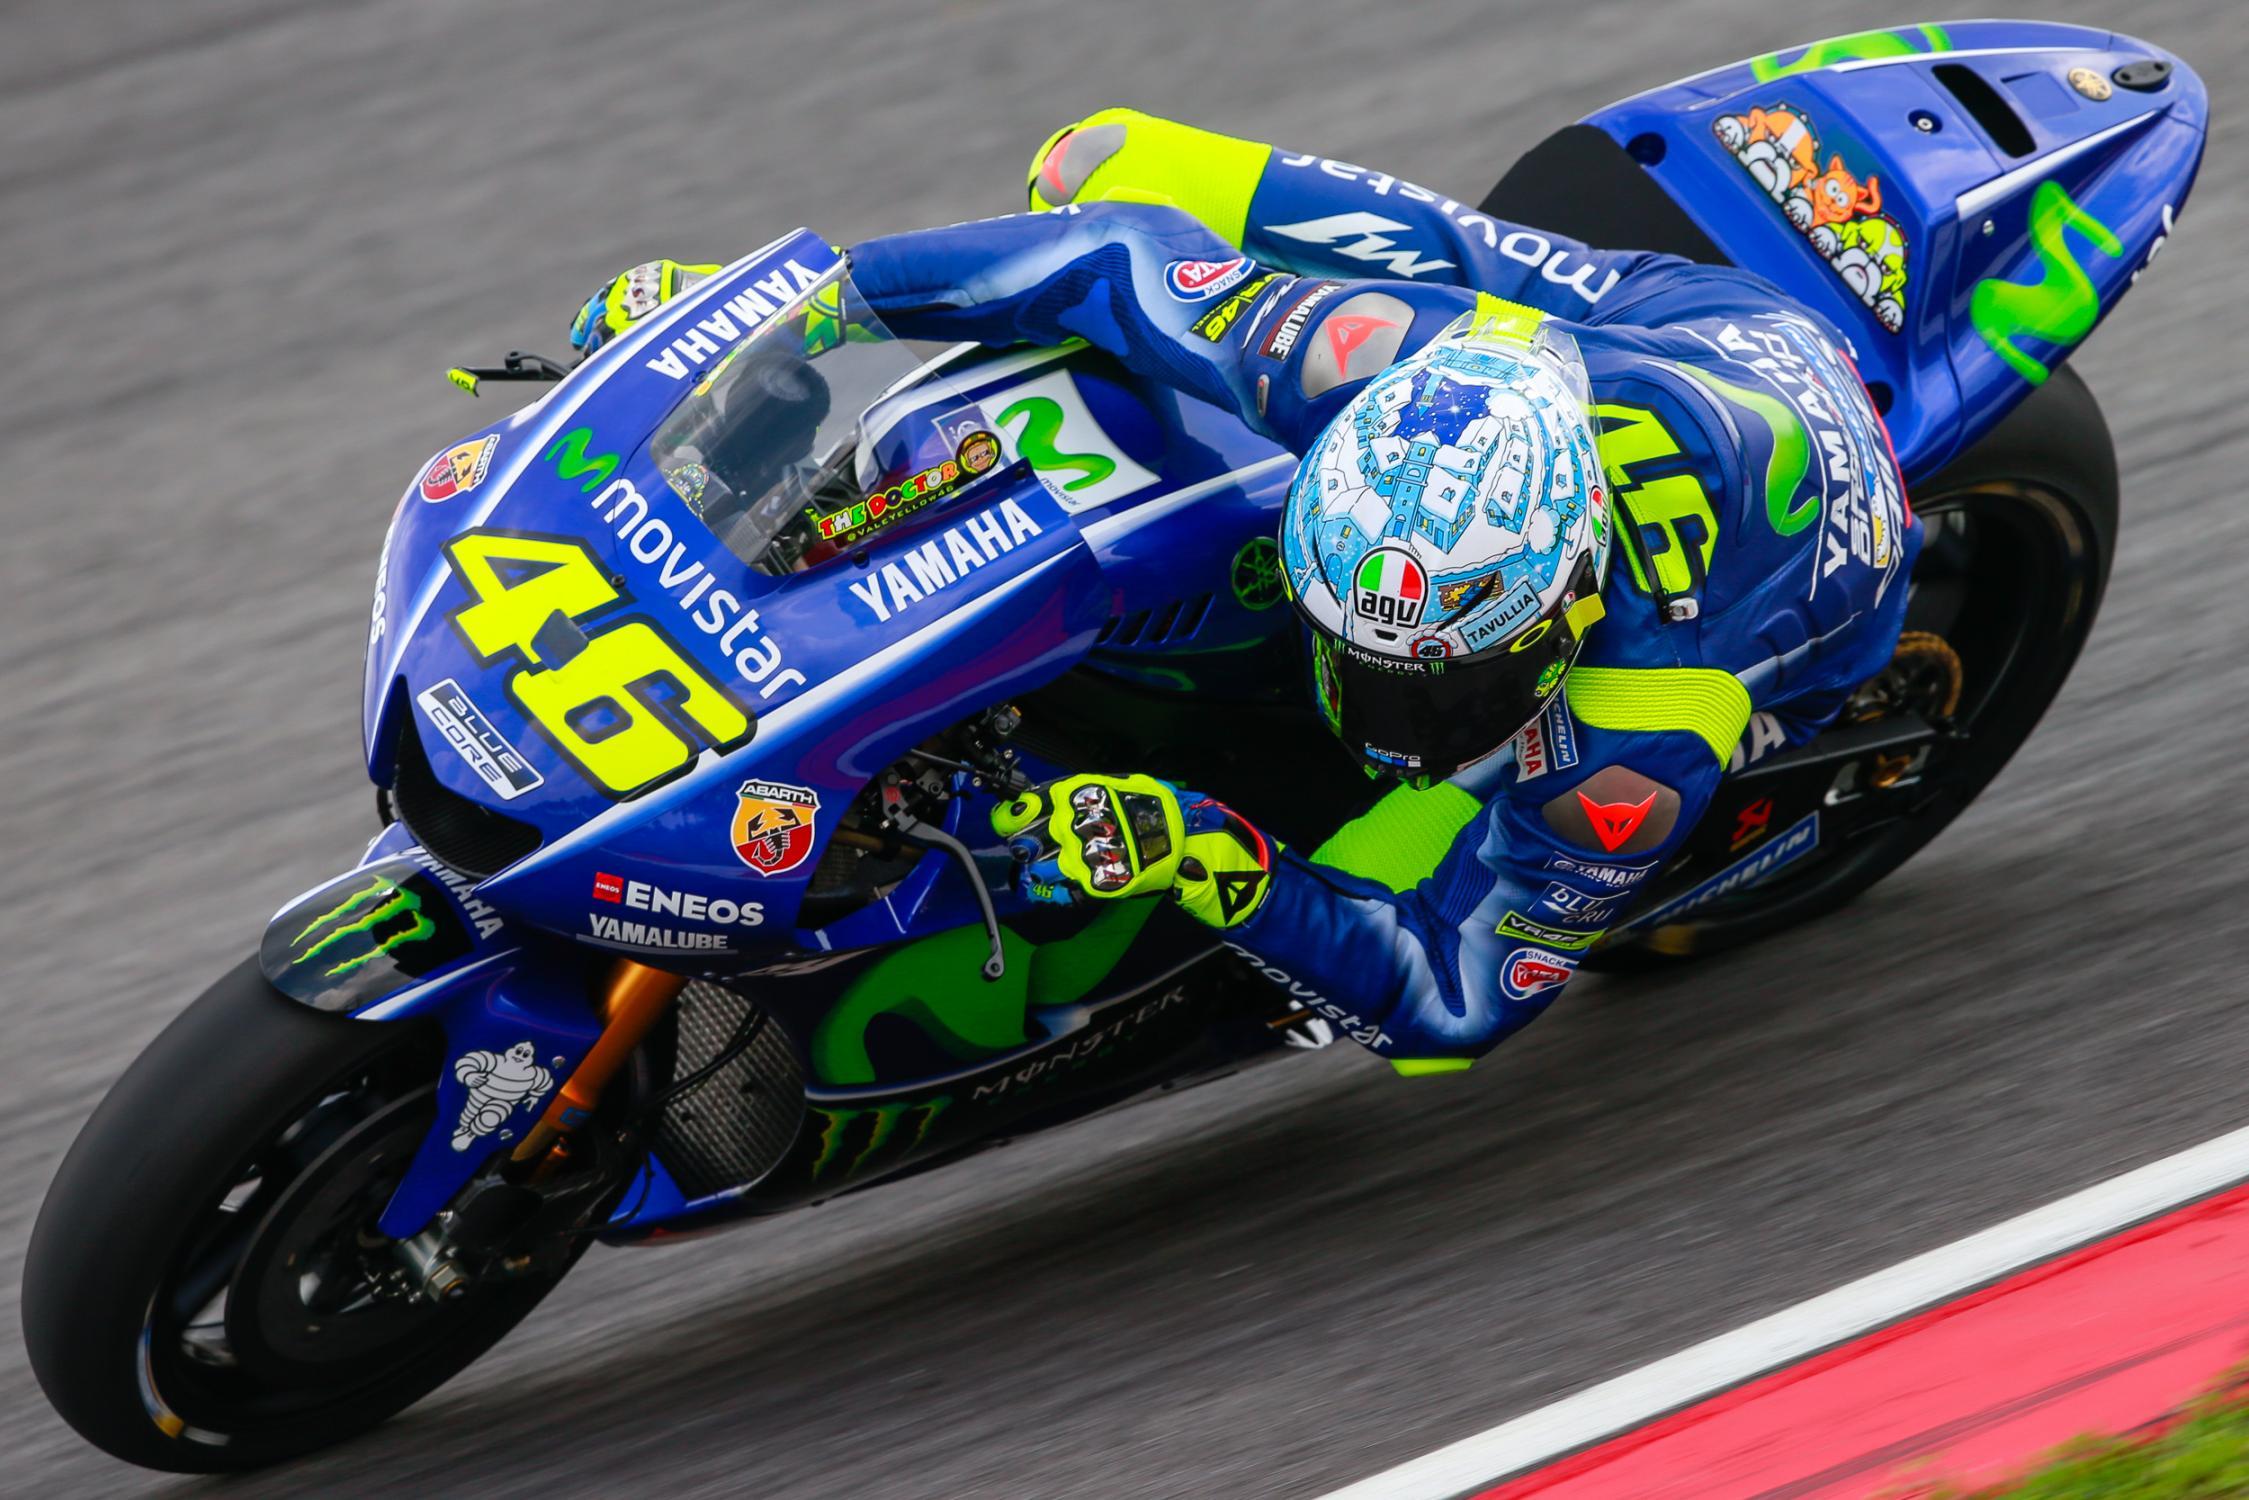 [MotoGP] Test Sepang 46-valentino-rossi-ita_gp_8076.gallery_full_top_fullscreen